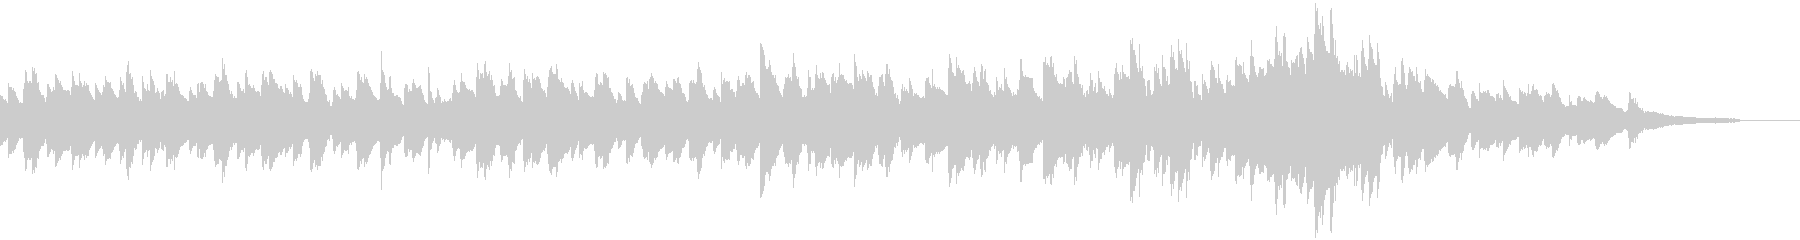 優しく柔らかい音色の映像用ピアノ曲の未再生の波形